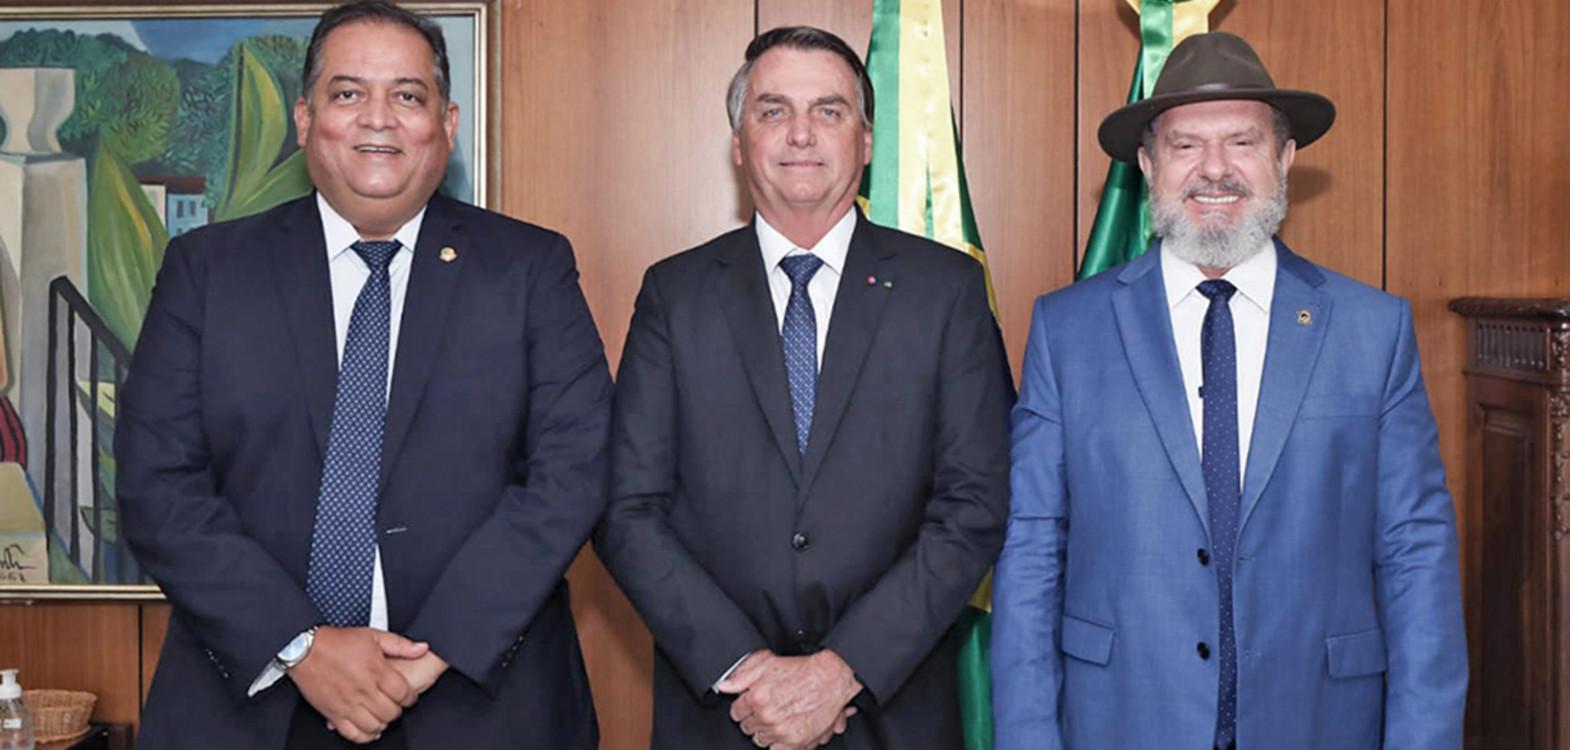 Governador Carlesse, acompanhado do senador Eduardo Gomes, reuniu-se com o presidente Jair Bolsonaro para tratar de obras e recursos